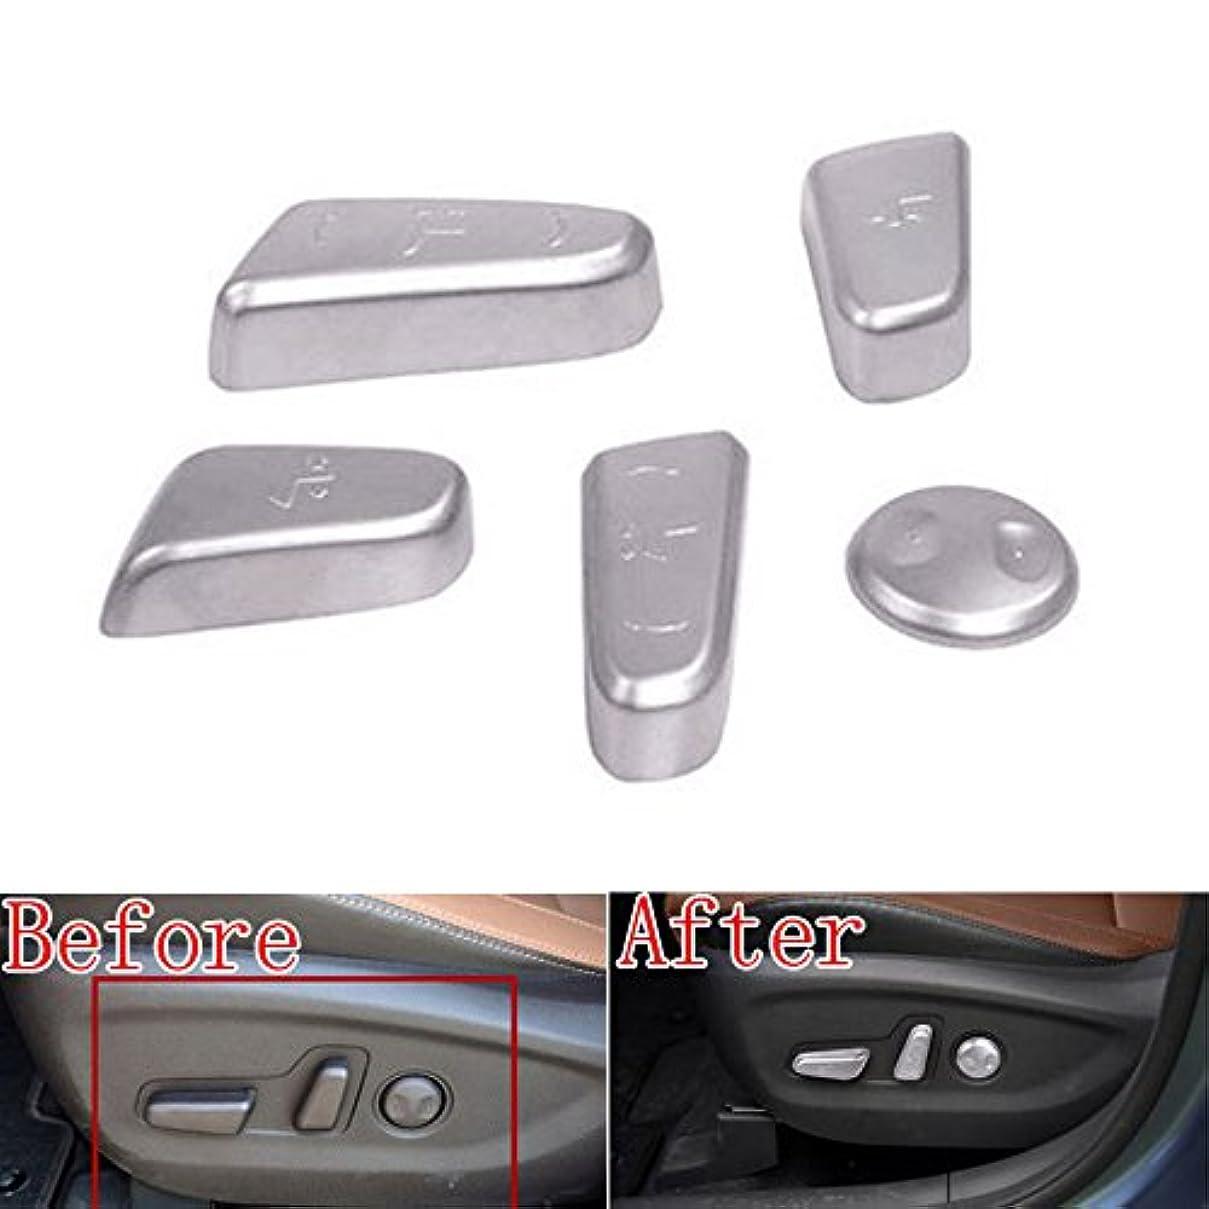 親好奇心盛立法Jicorzo - 5x ABS Chrome Car Door Seat Adjustment Switch Control Knob Button sticker Fit For Hyundai Tucson Car decal Accessory